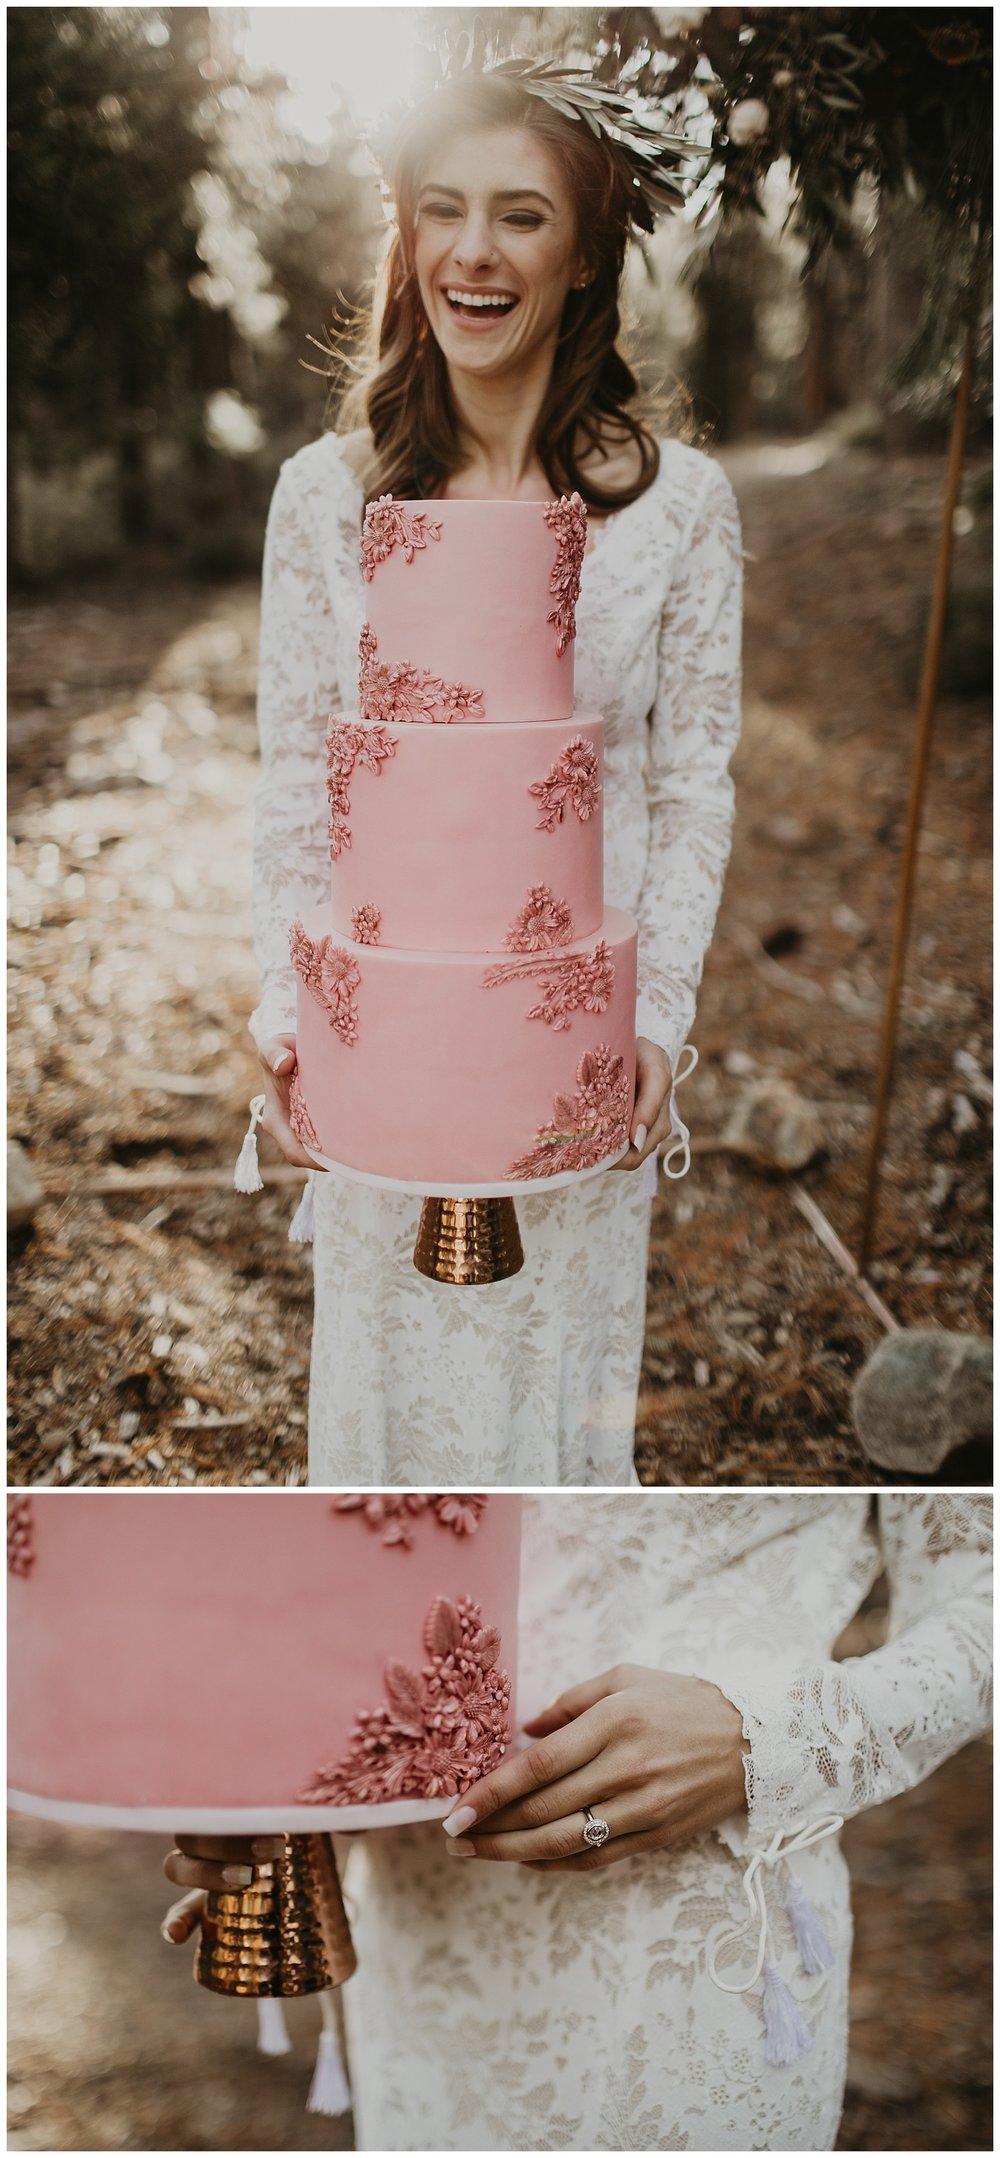 lake-tahoe-winter-wedding-boho-bride-with-rose-cake.jpg